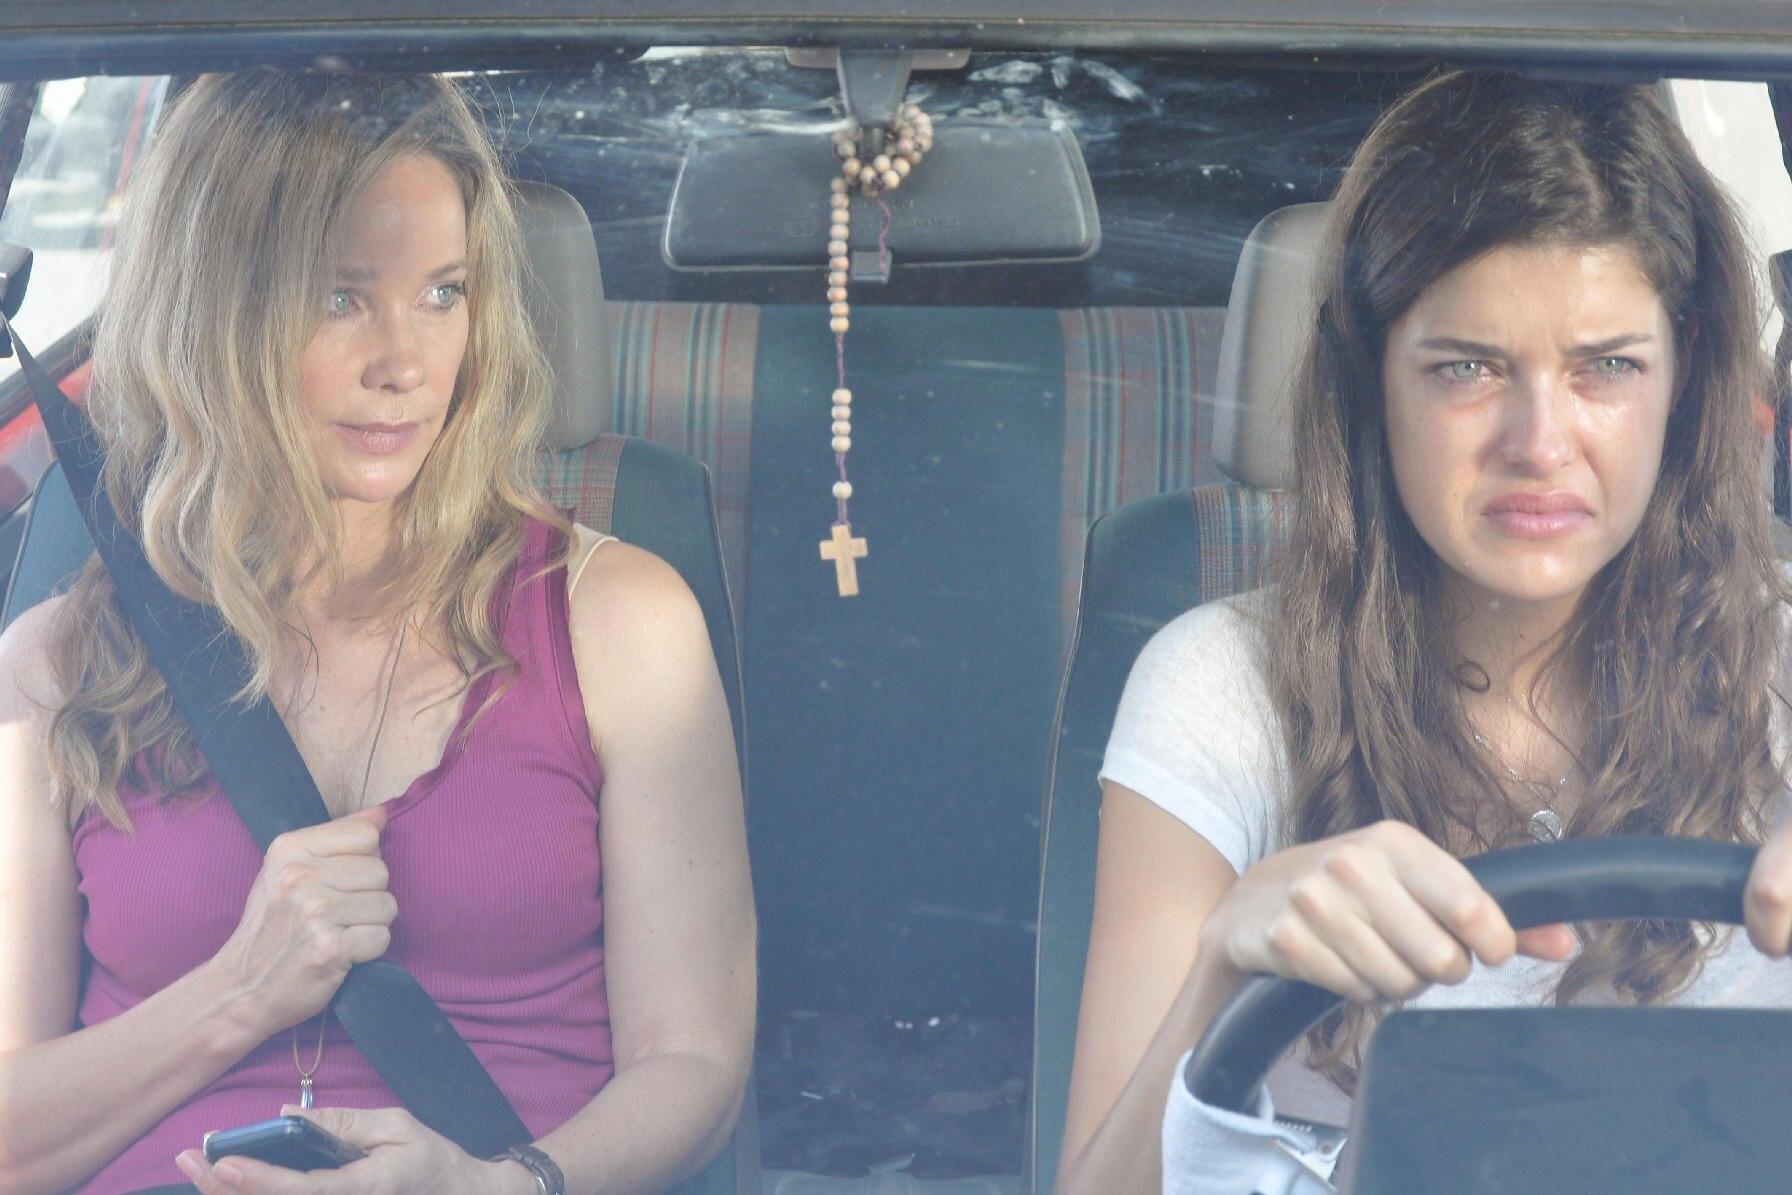 """Jetzt im TV: In """"Sommer in Amalfi"""" (ZDF, Sonntag, 7. April, 20.15 Uhr) findet Claudia Wesscampe (Kramer) die Liebe - und versucht der ungewollt schwangeren Caterina (Marie Nasemann) zu helfen."""